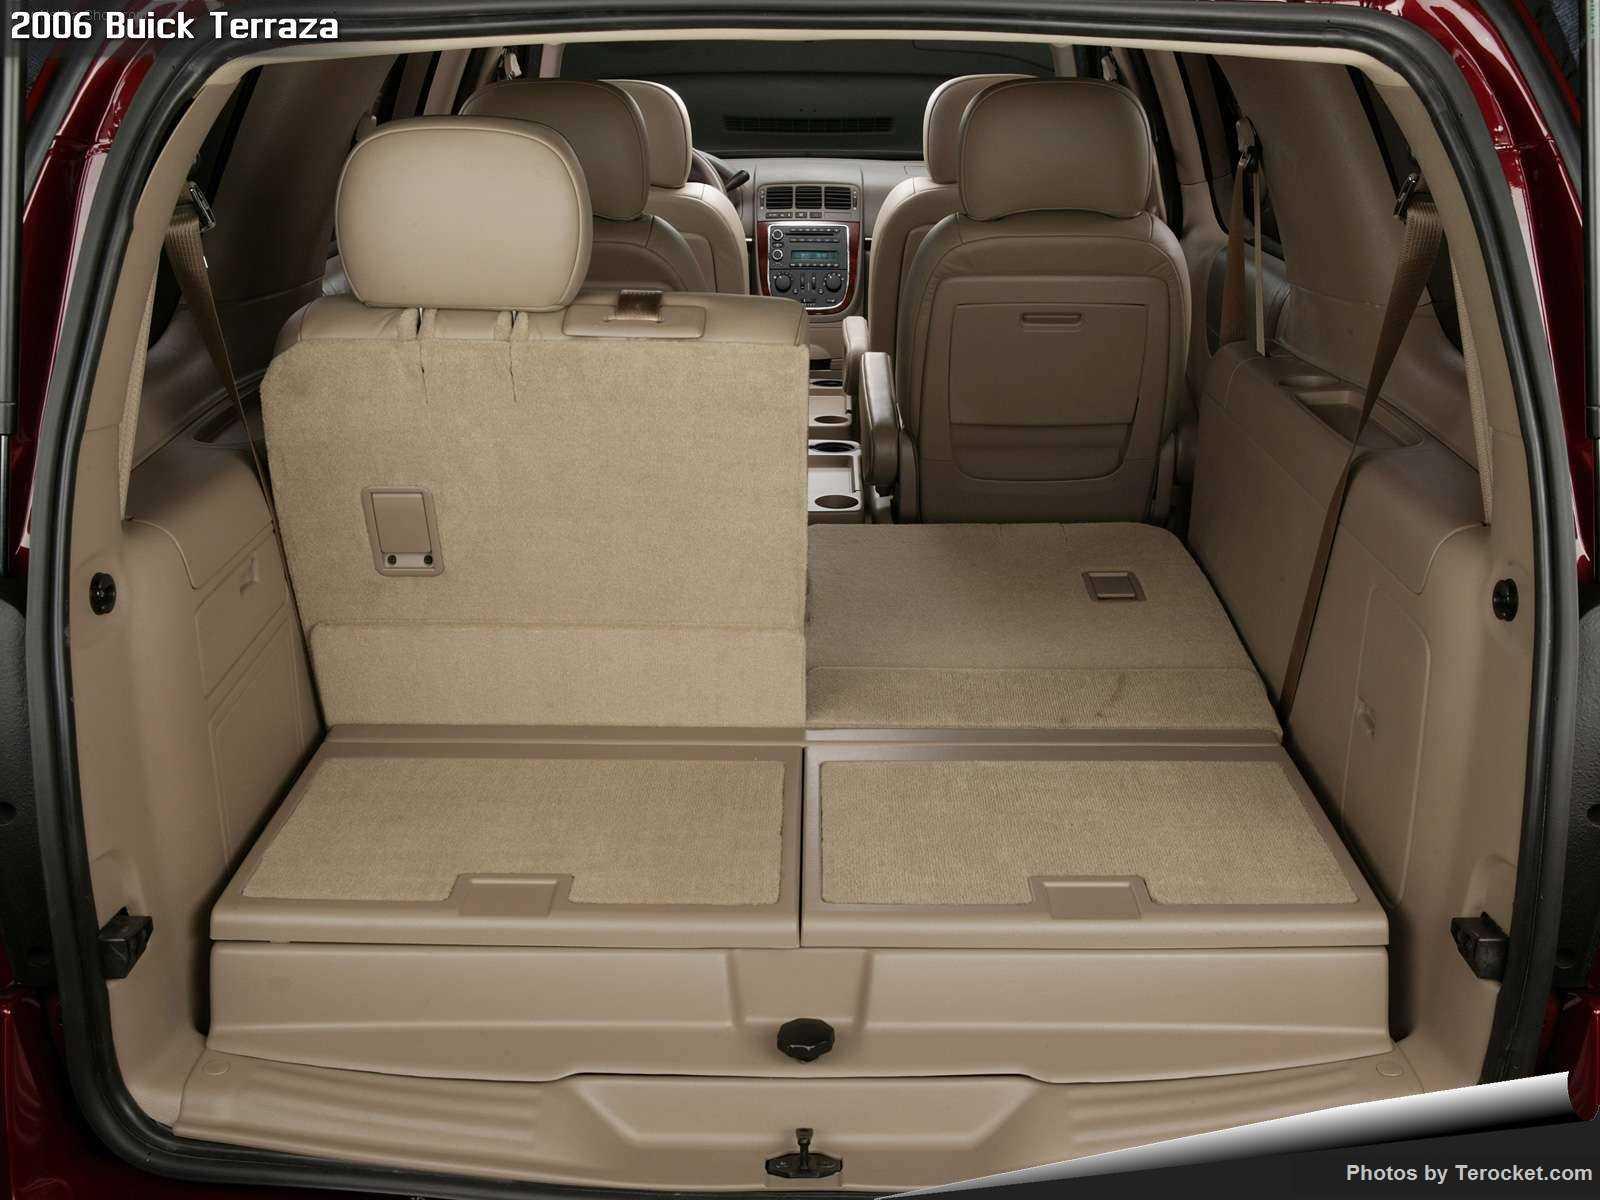 Hình ảnh xe ô tô Buick Terraza 2006 & nội ngoại thất